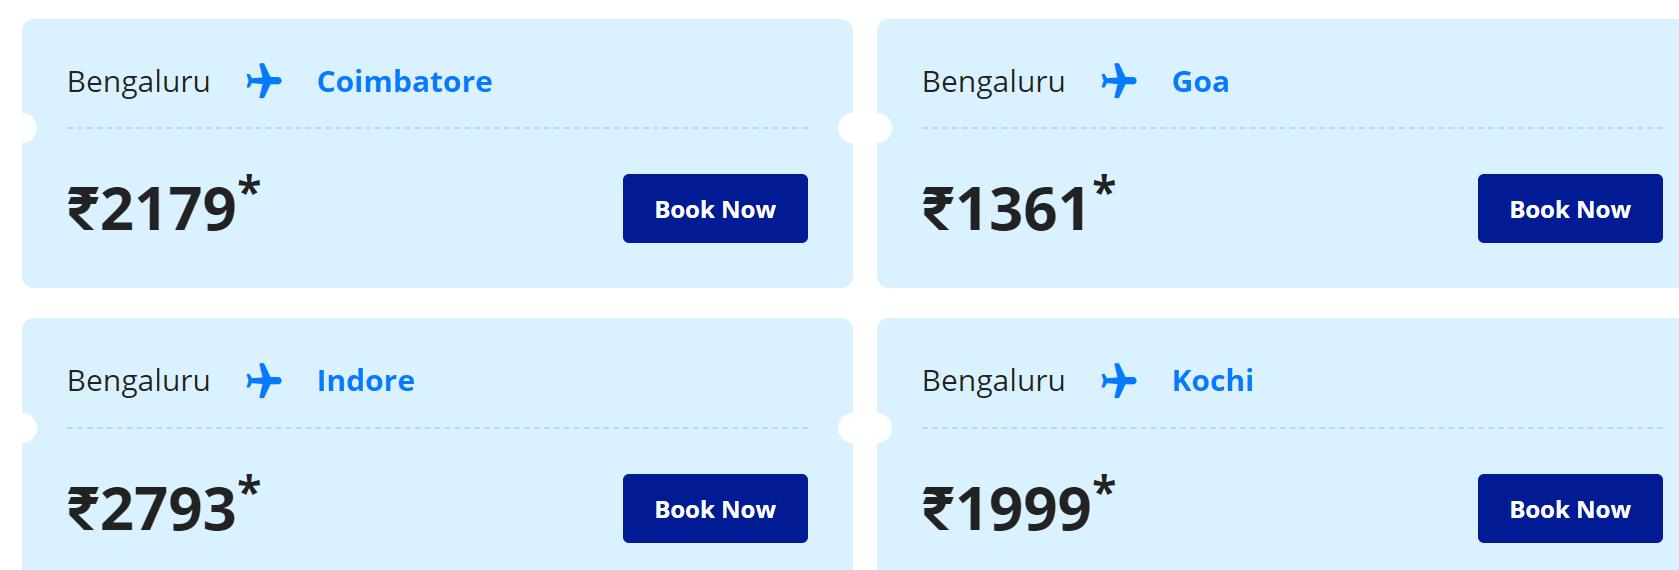 flight ticket offer